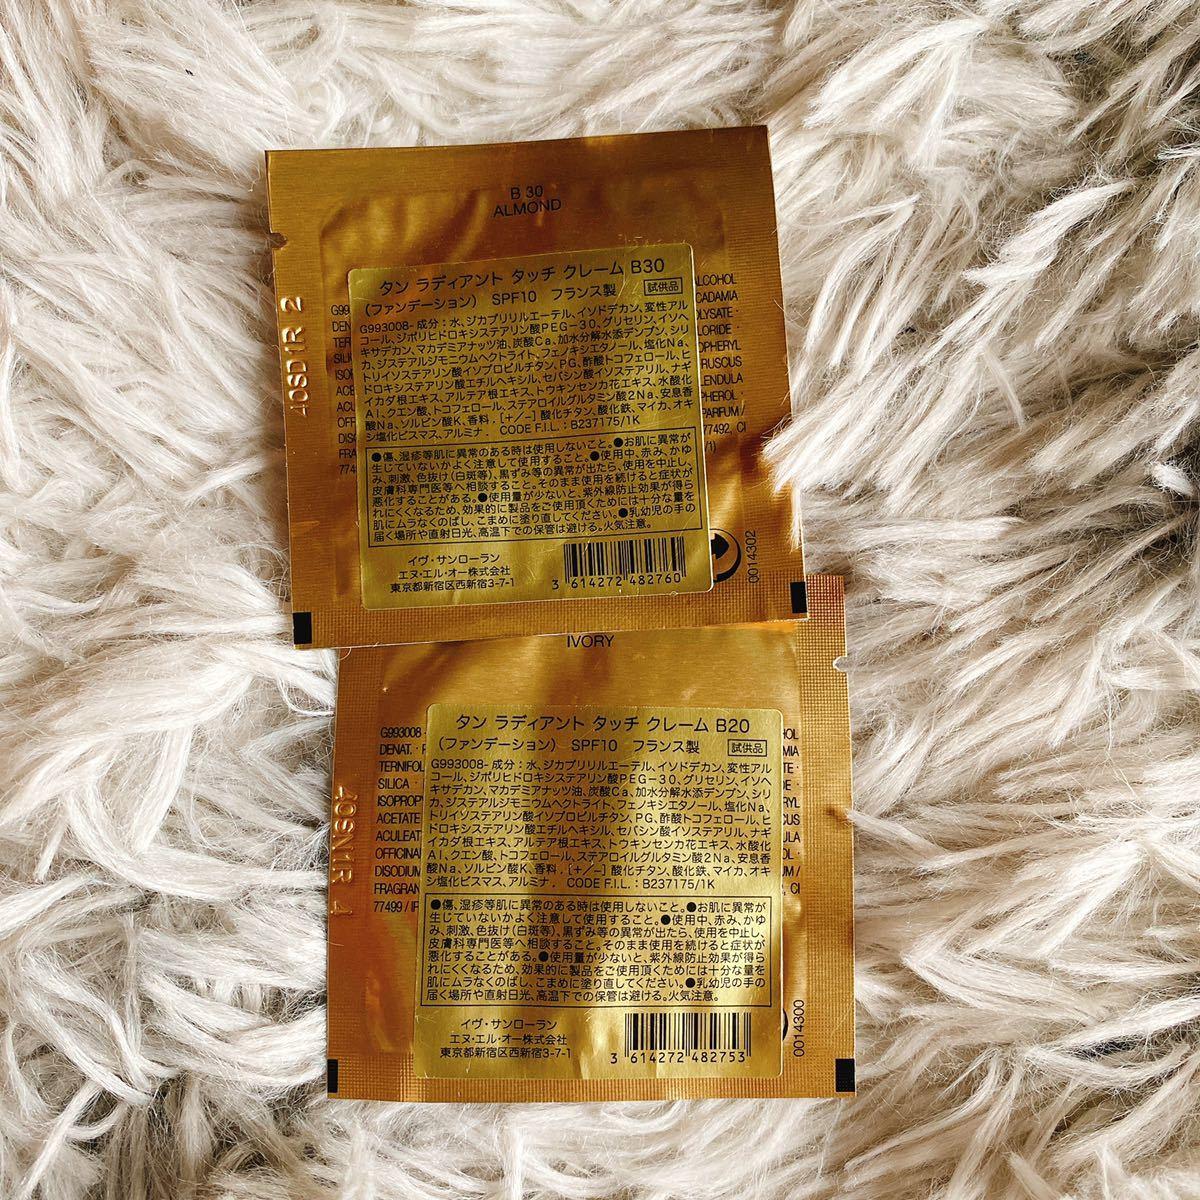 デパコス プチプラ コスメ9点セット まとめ売り Dior YSL 口紅 チーク ファンデーション マスカラ